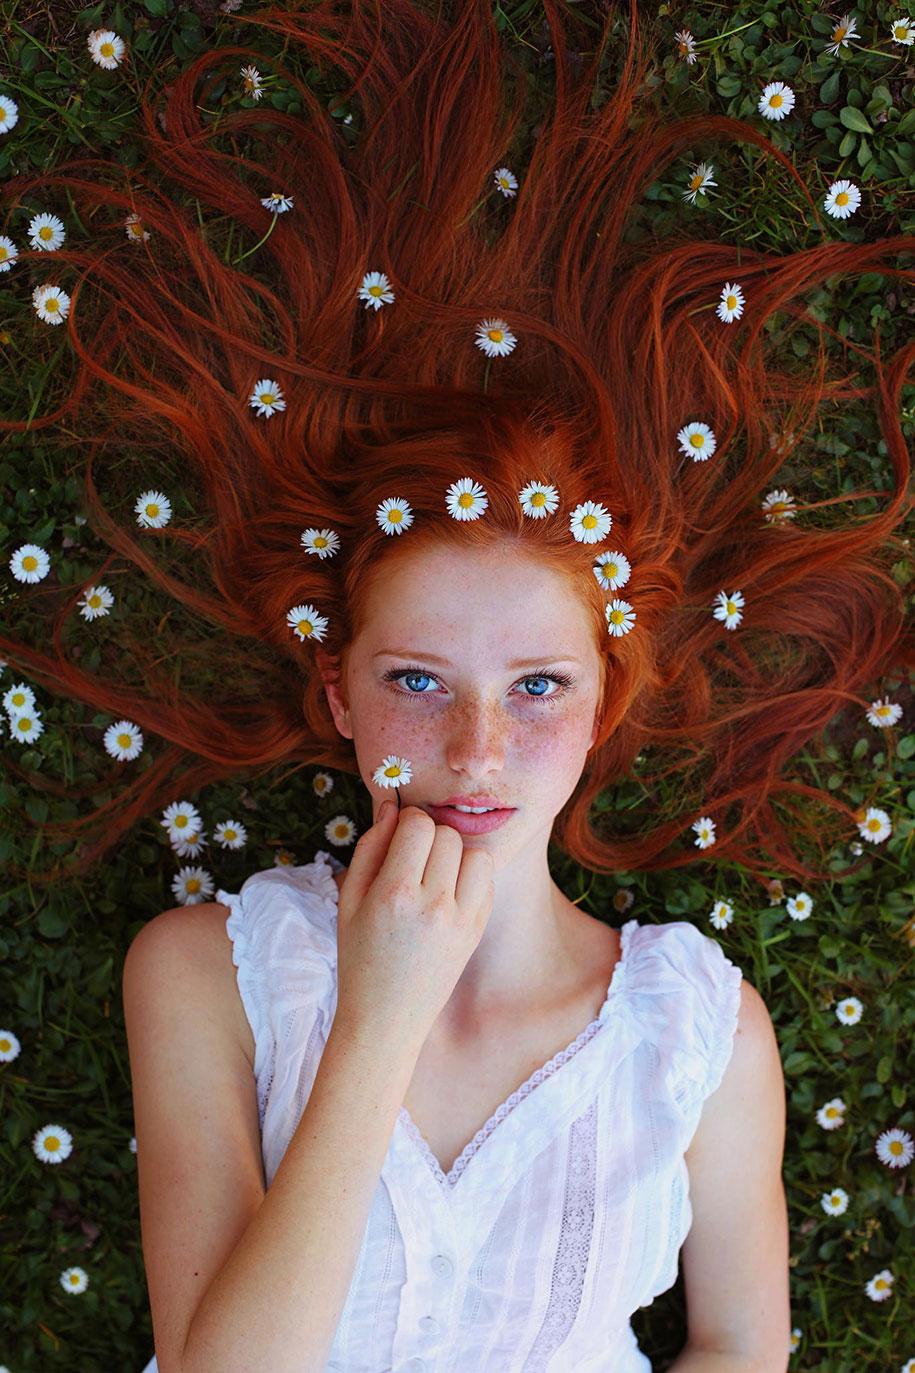 foto-ragazze-capelli-rossi-lentiggini-fiori-maja-topcagic-06